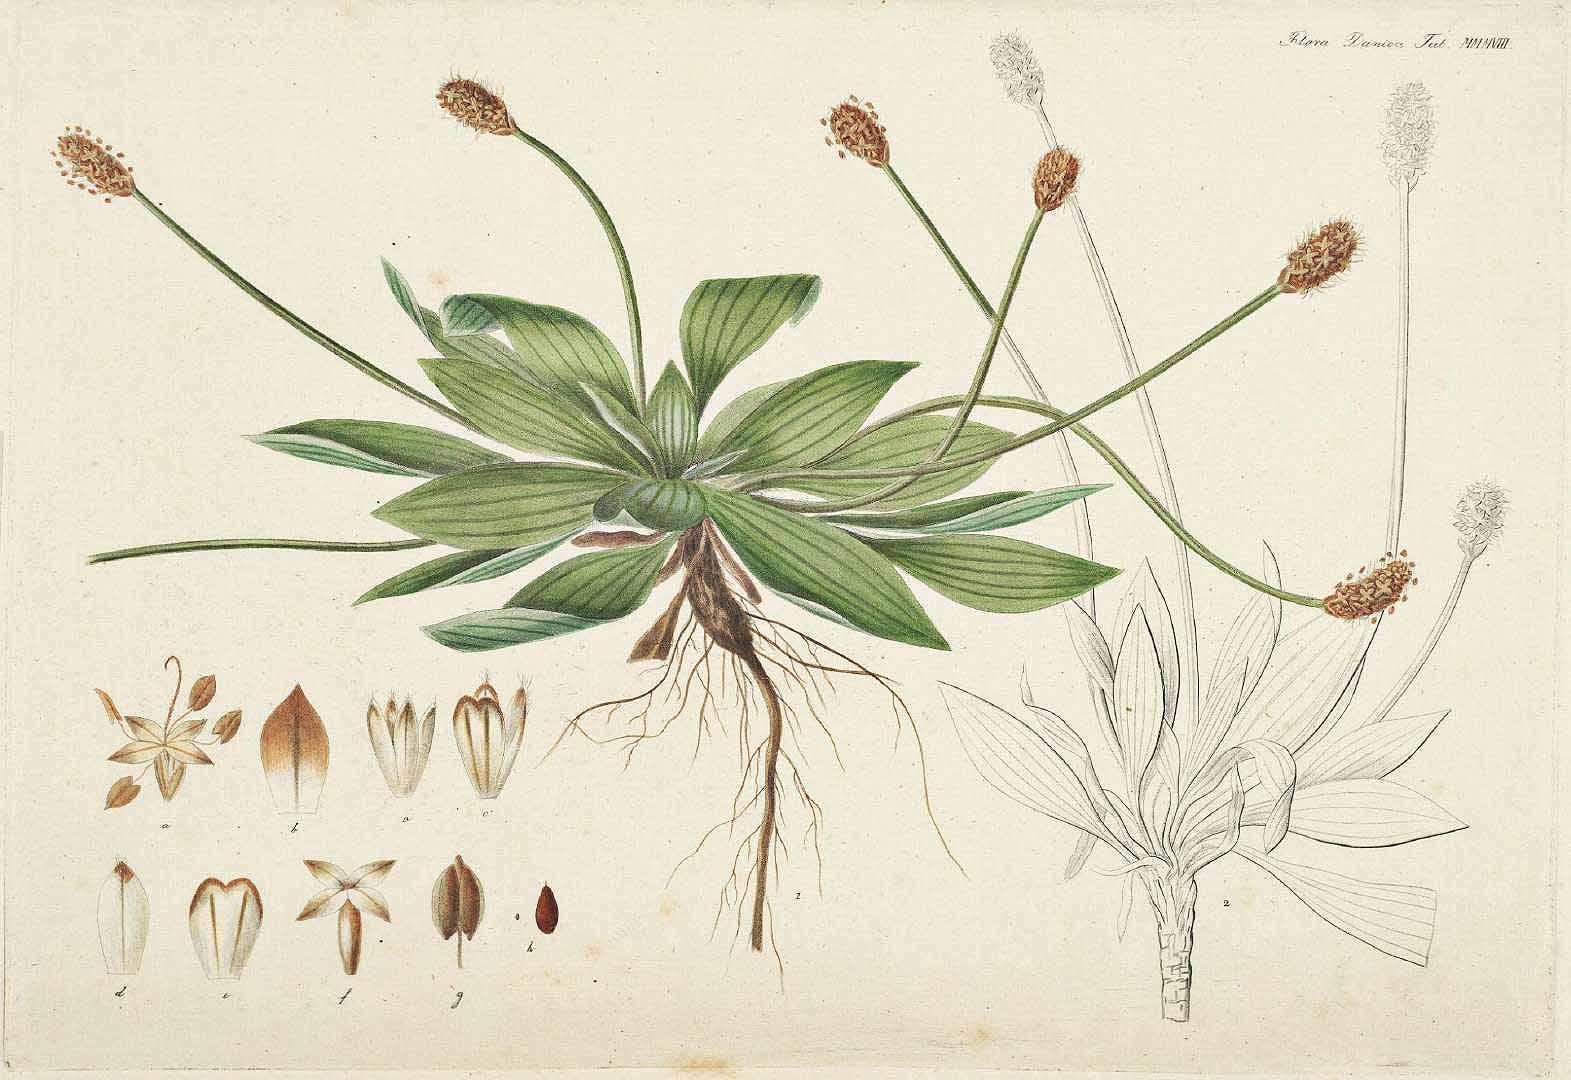 Plantain - Plantago lancelota